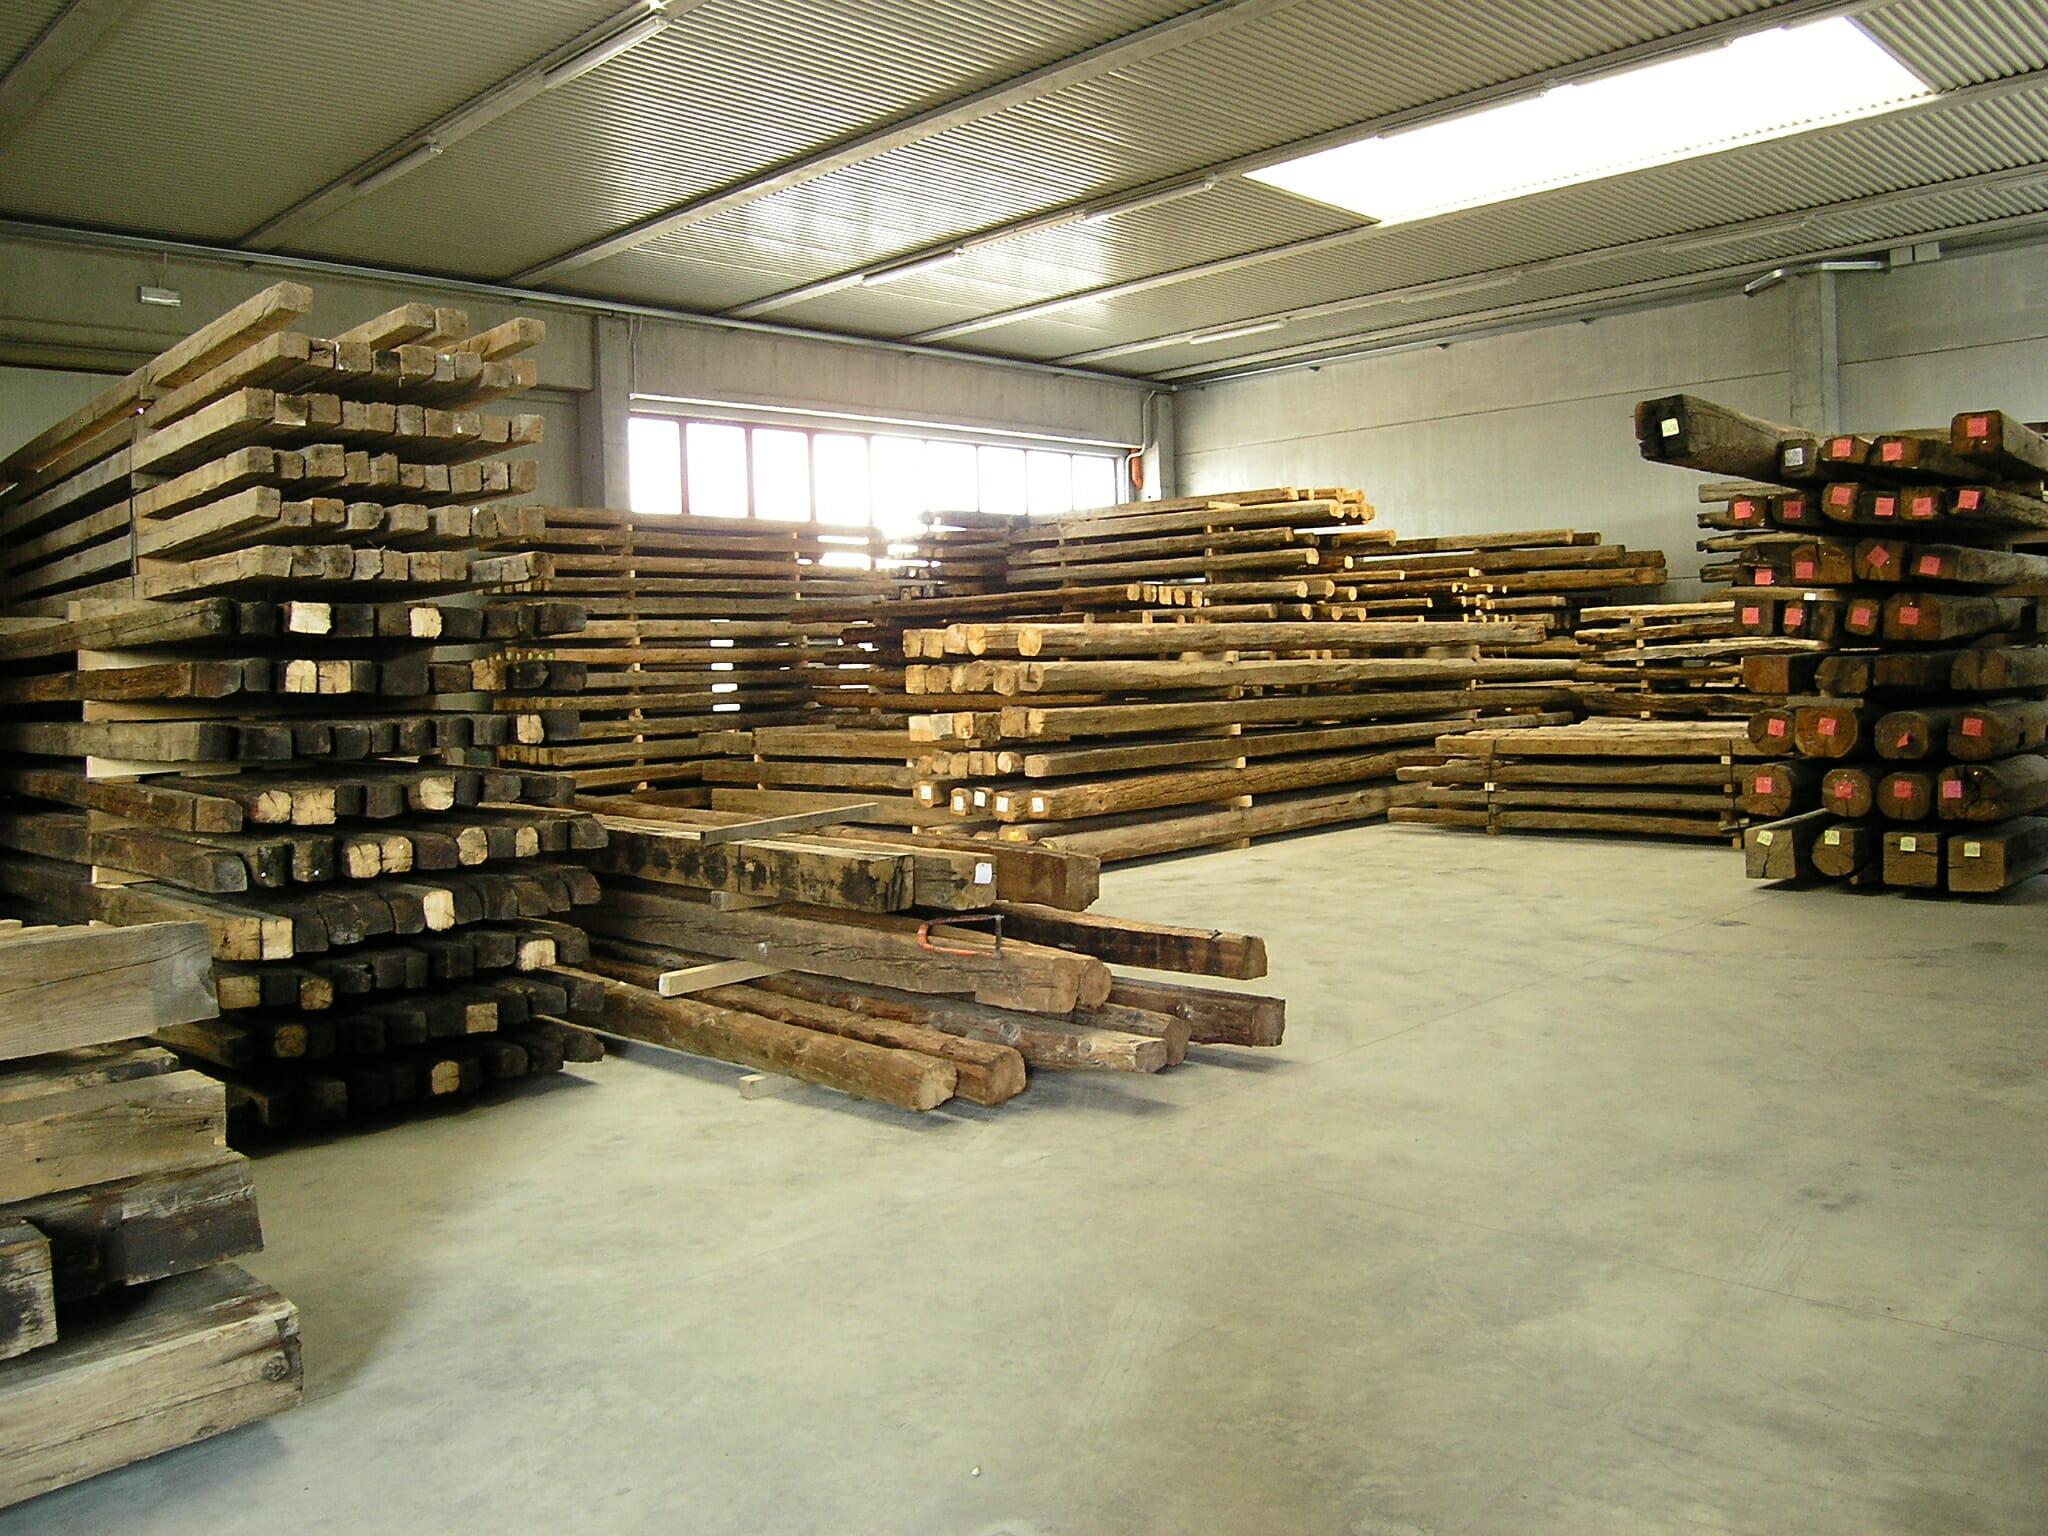 5 Il magazzino con la suddivisione di tronchi e tavole di recupero - News, il fascino del legno antico di recupero